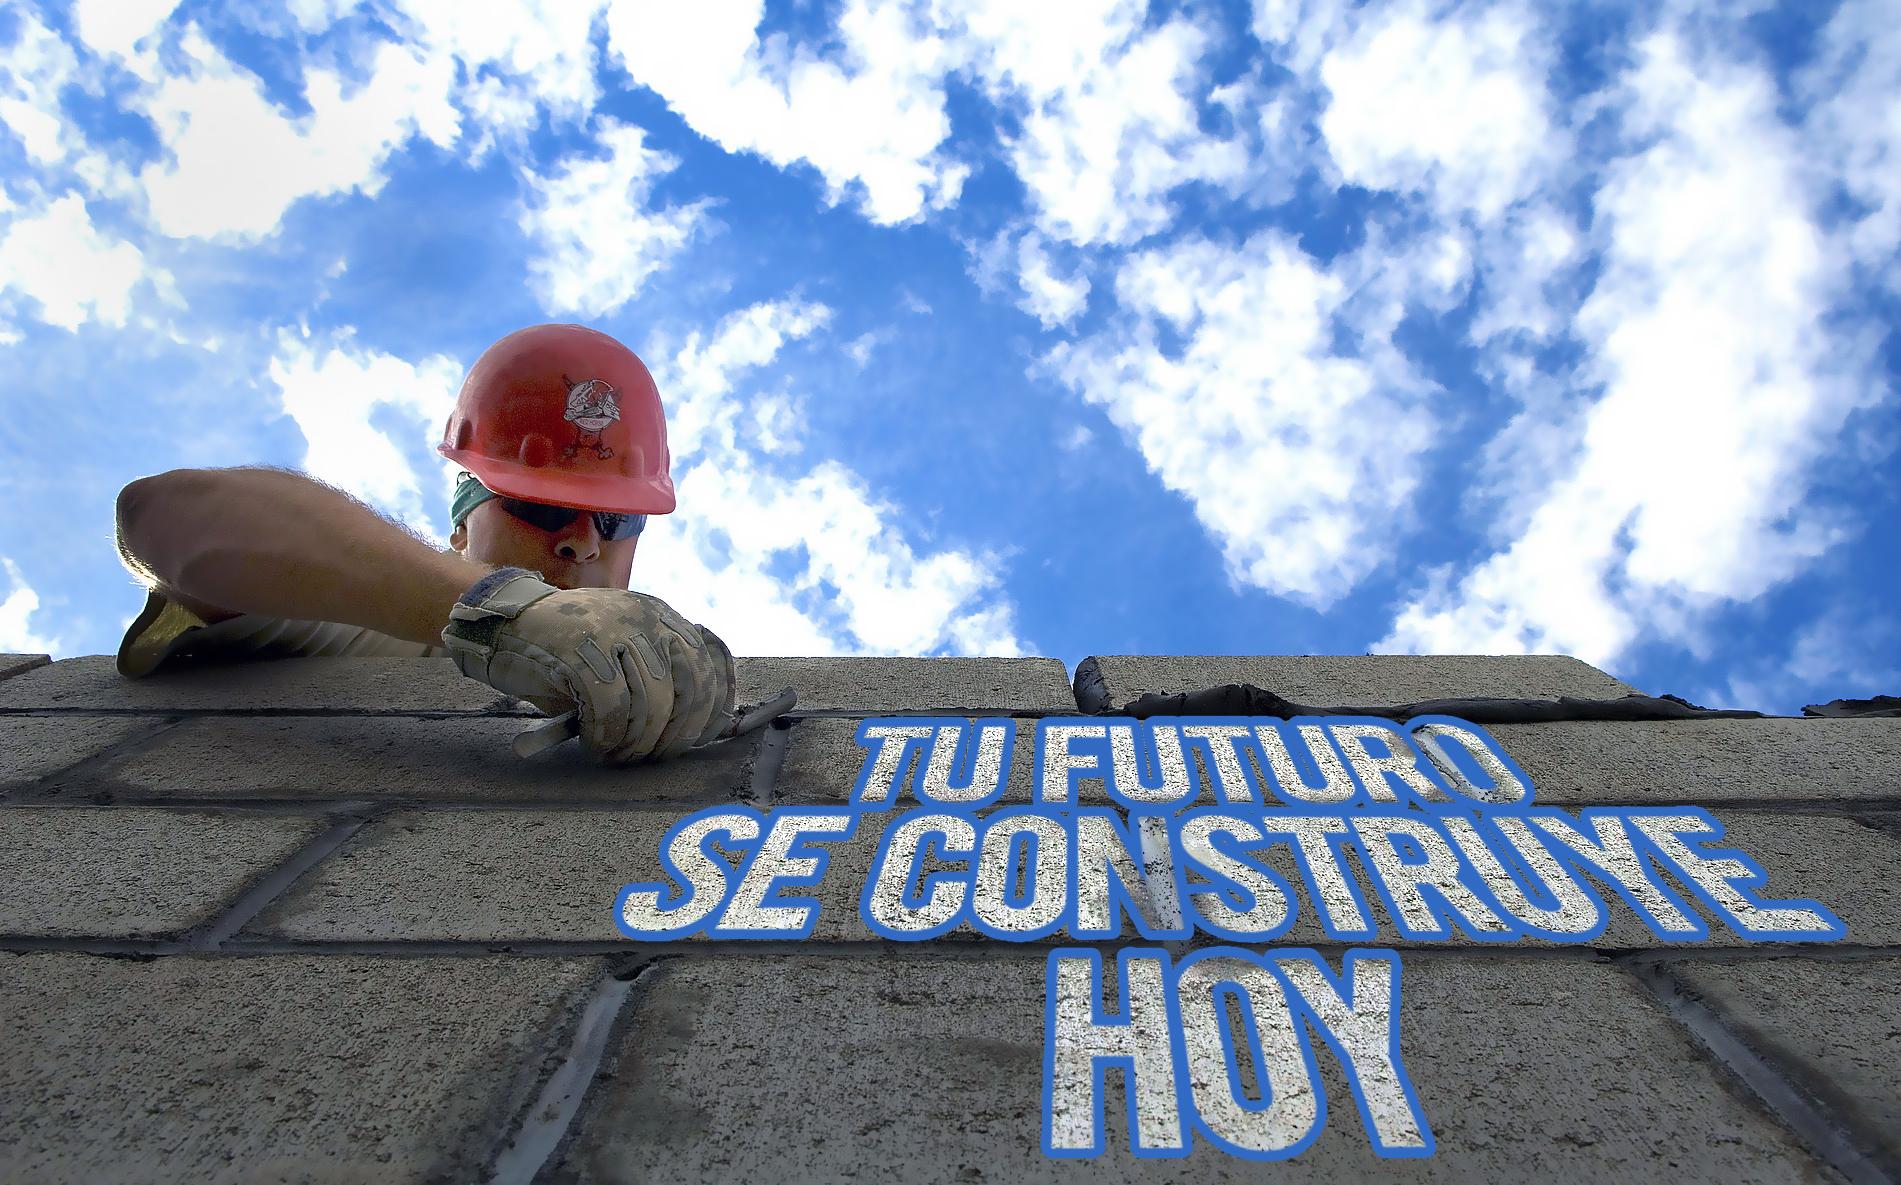 Construye tu futuro hoy